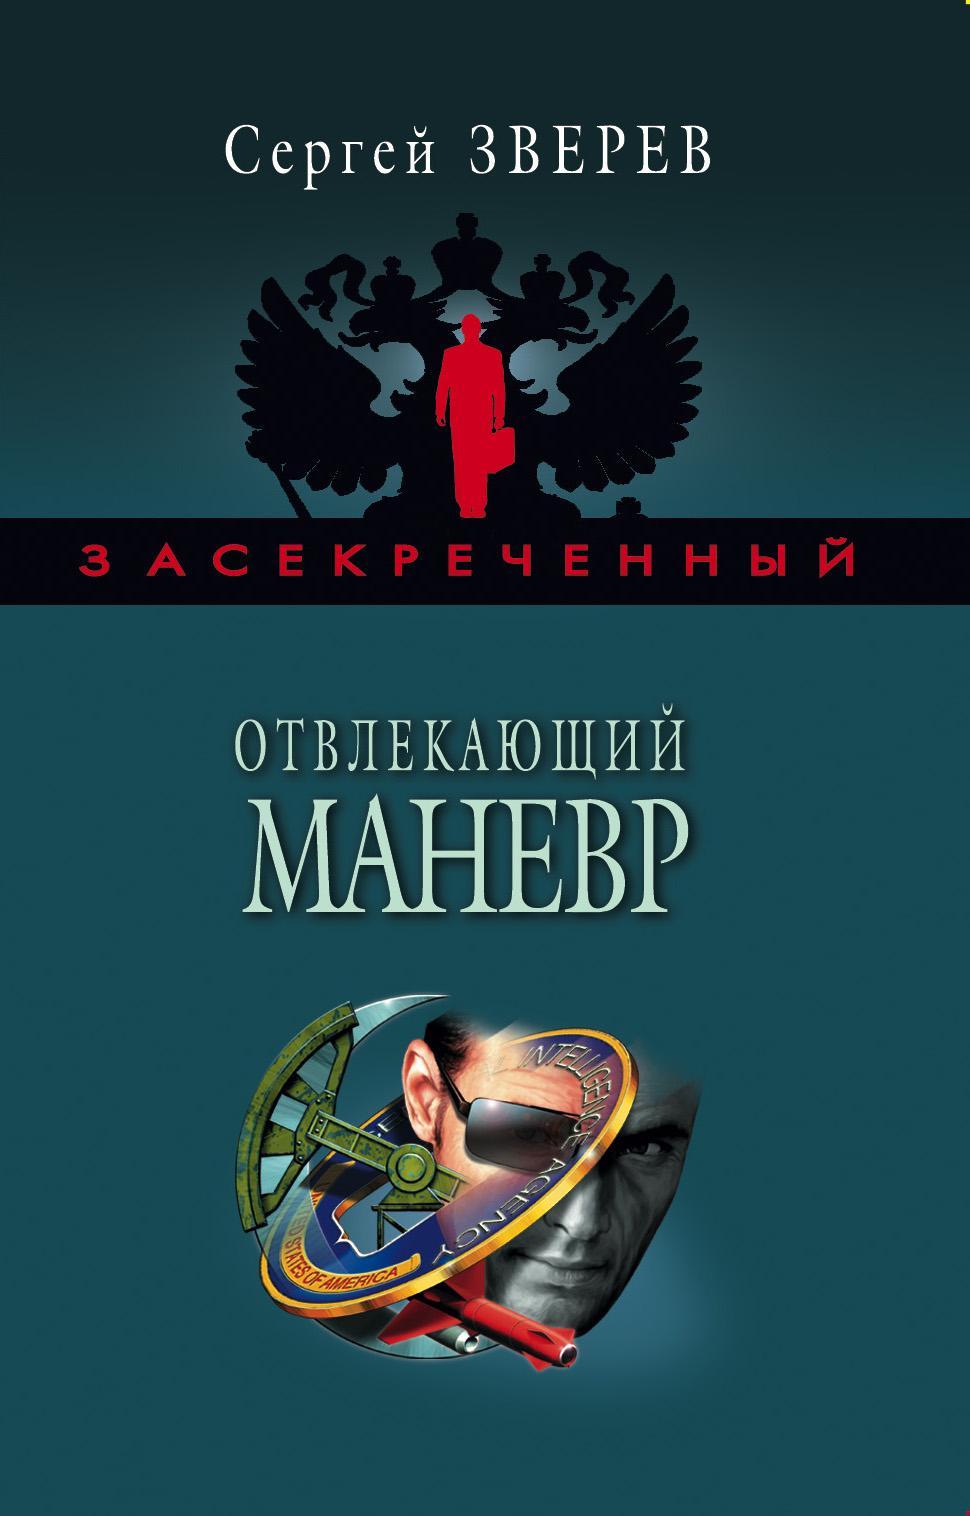 Сергей Зверев Отвлекающий маневр vaillant ecotec vuw oe 236 3 5